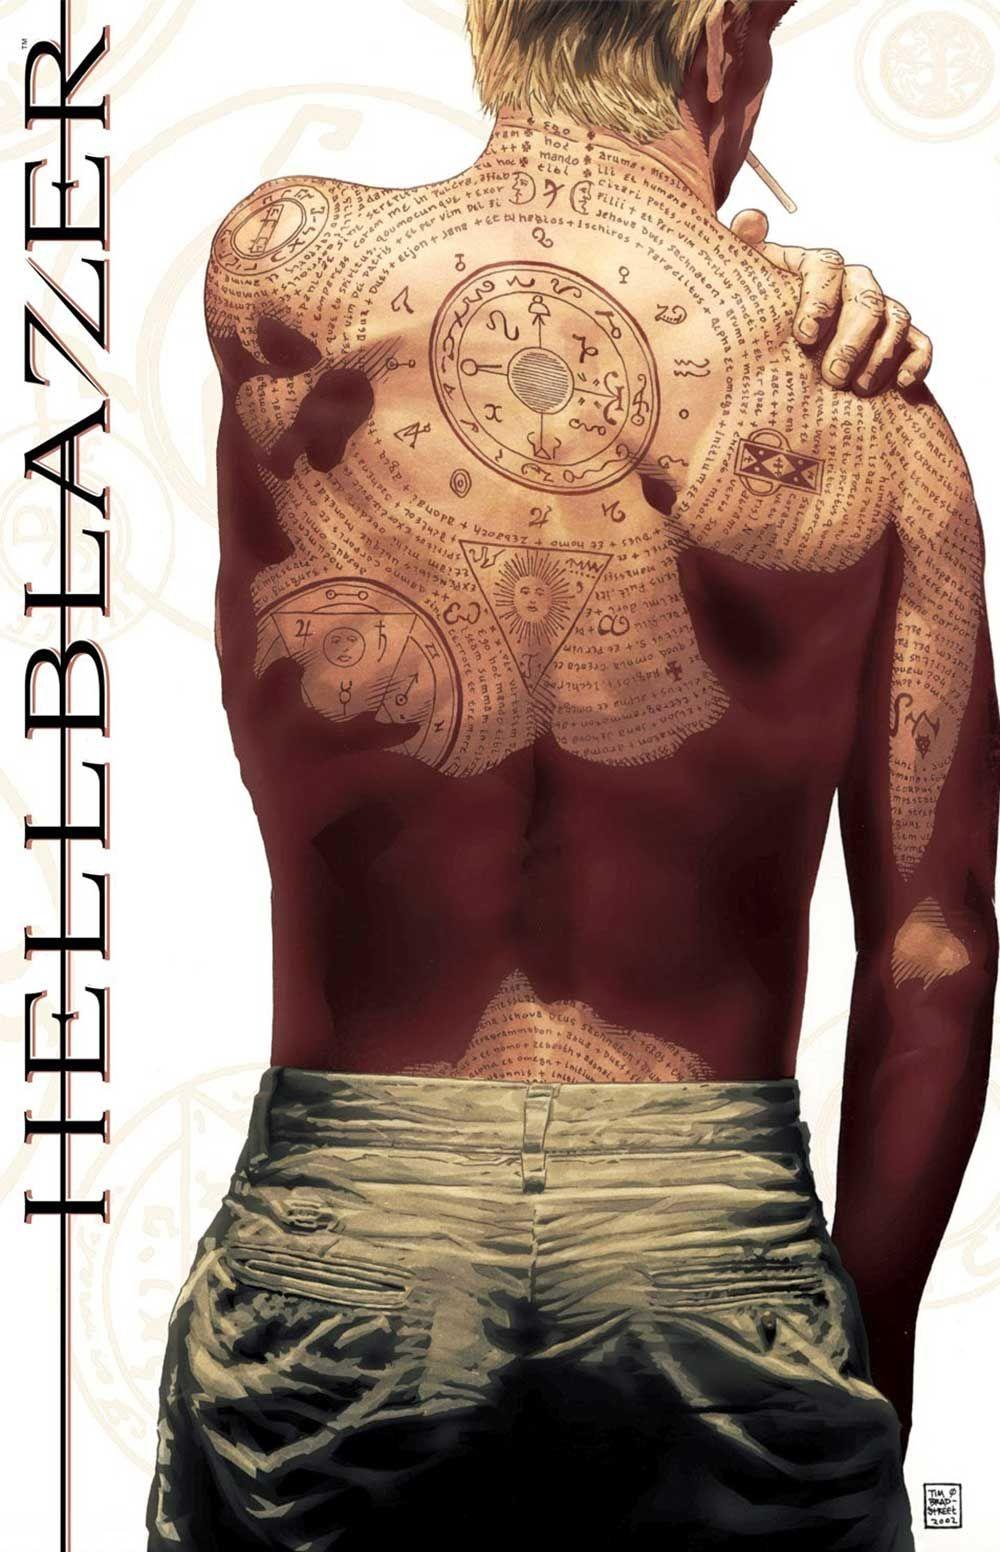 5f7f7dcc5 Occult Tattoos John Constantine Hellblazer | tattoos | Occult tattoo ...